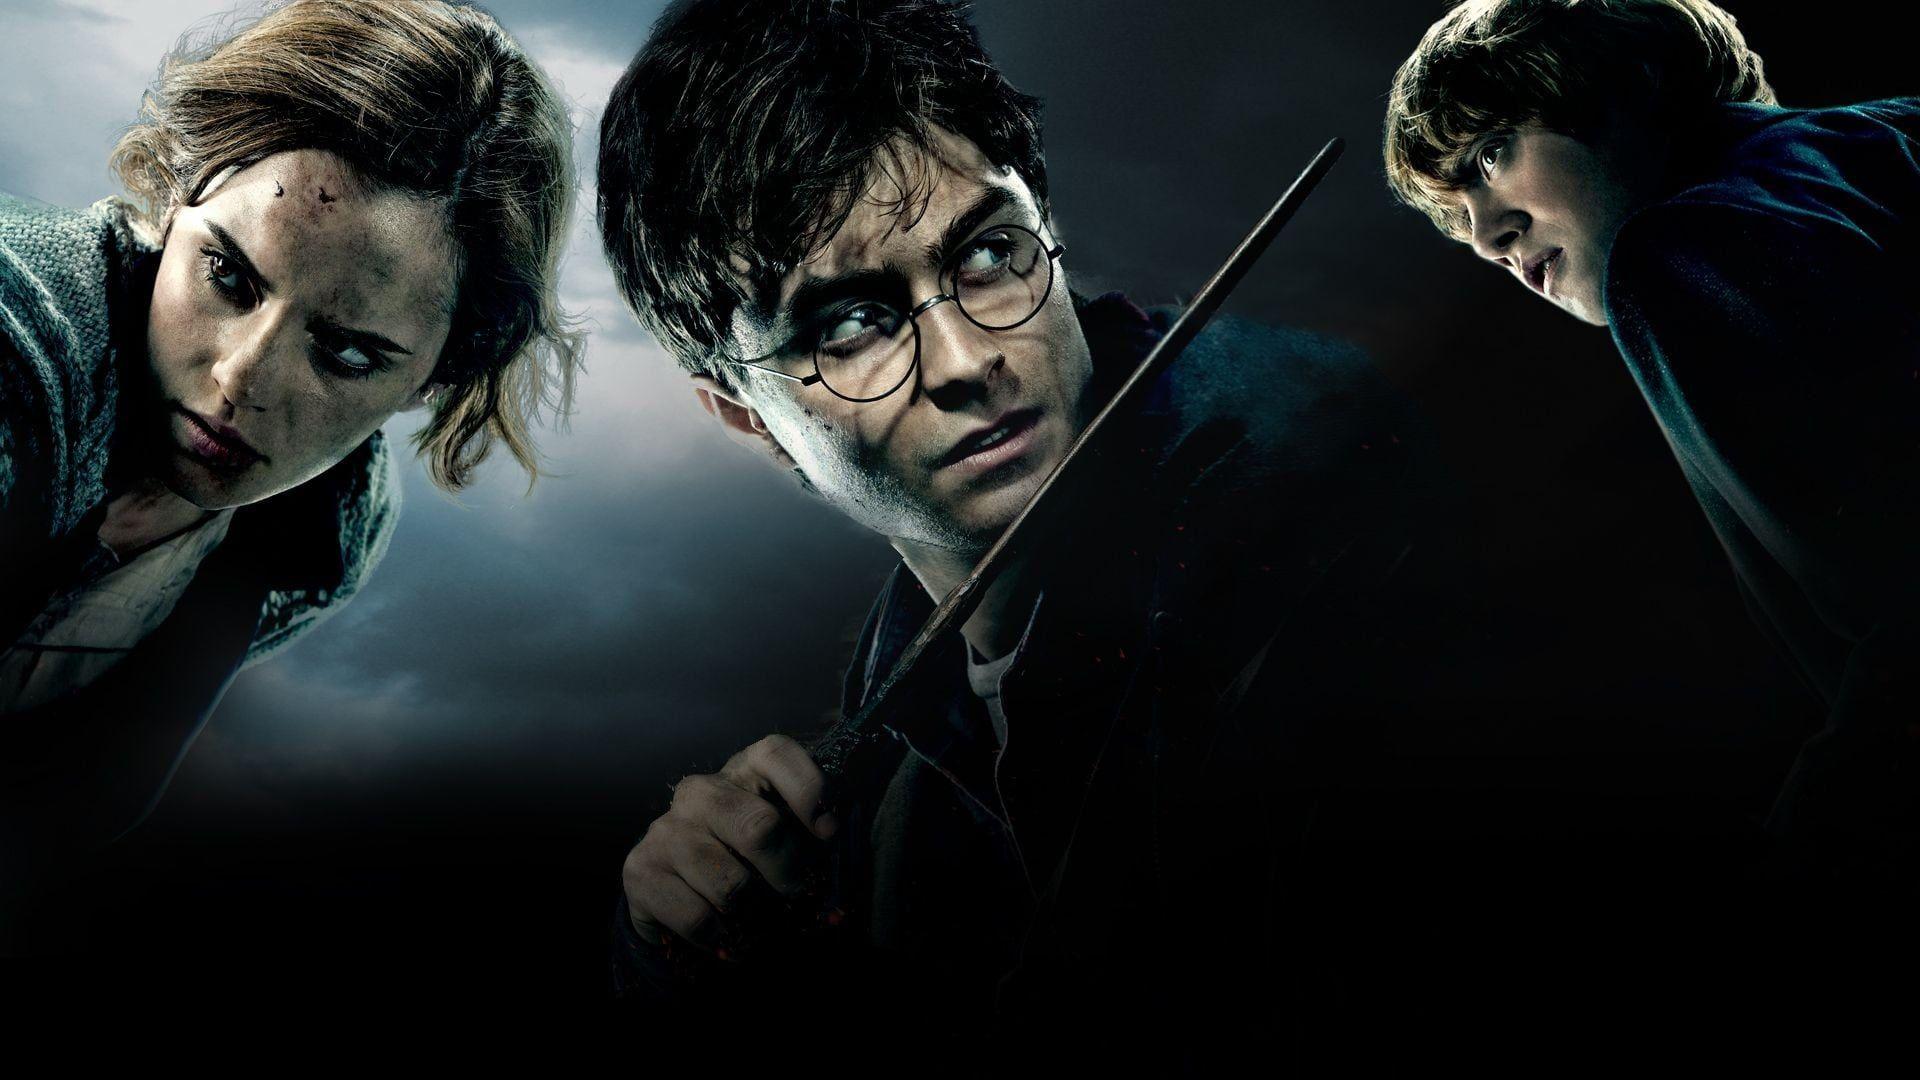 Harry Potter E I Doni Della Morte Parte 1 2010 Streaming Ita Cb01 Film Completo Itali Harry Potter Infographic Harry Potter Movies Ranked Harry Potter Movies